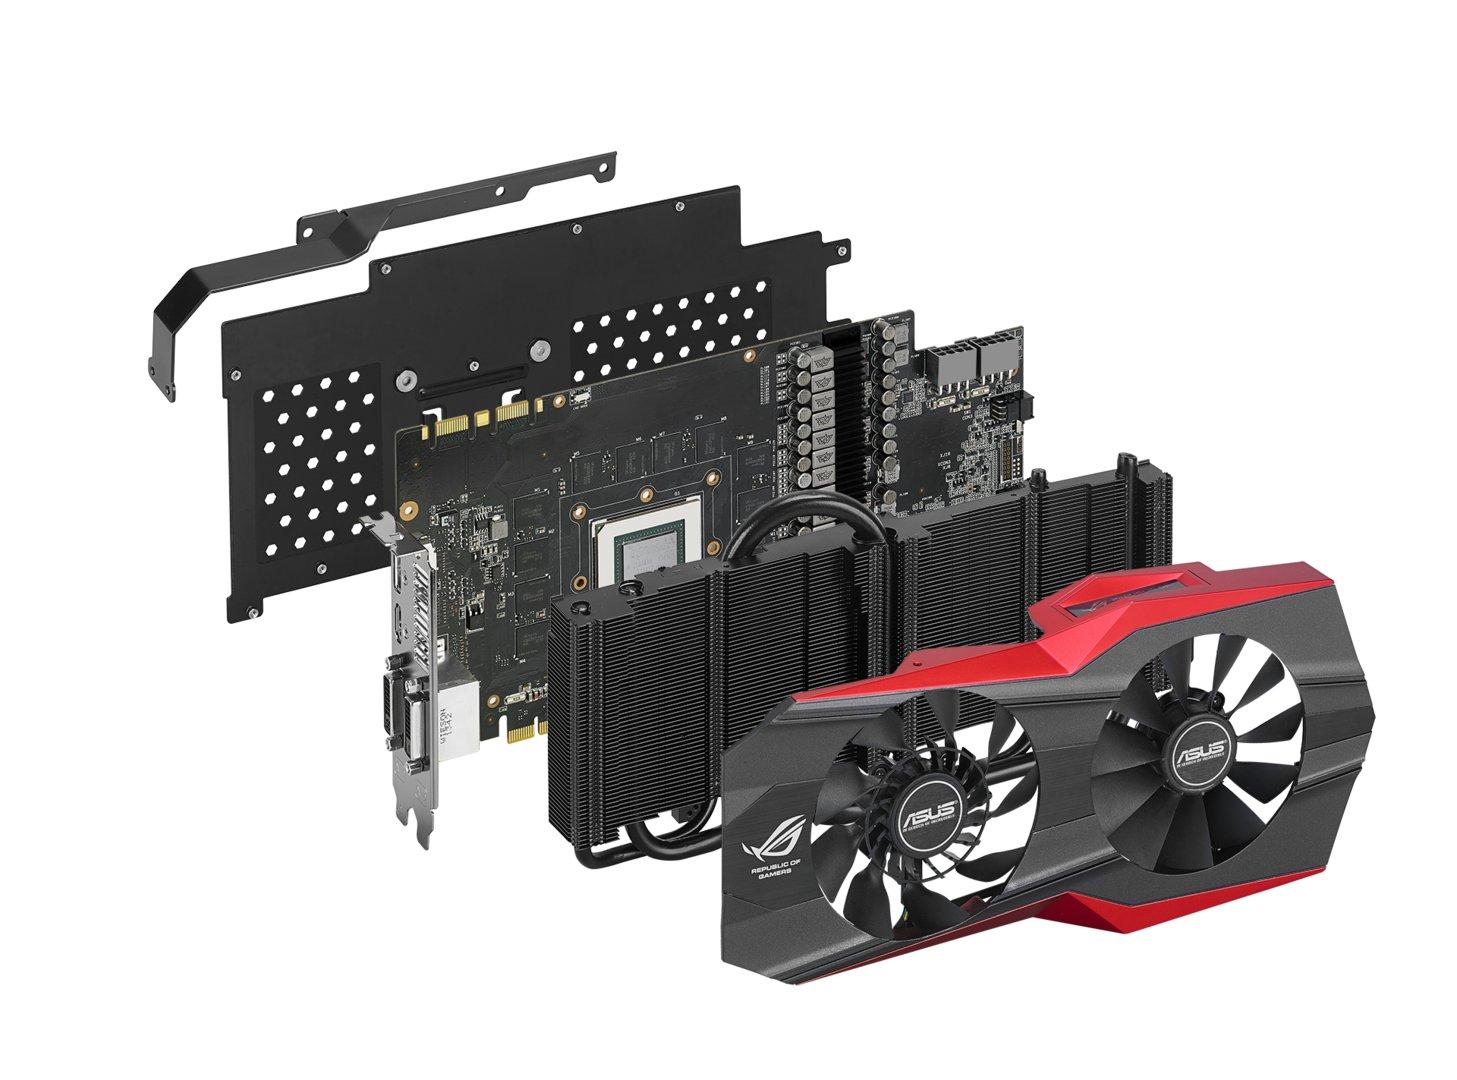 Asus RoG Matrix GTX 780 TI